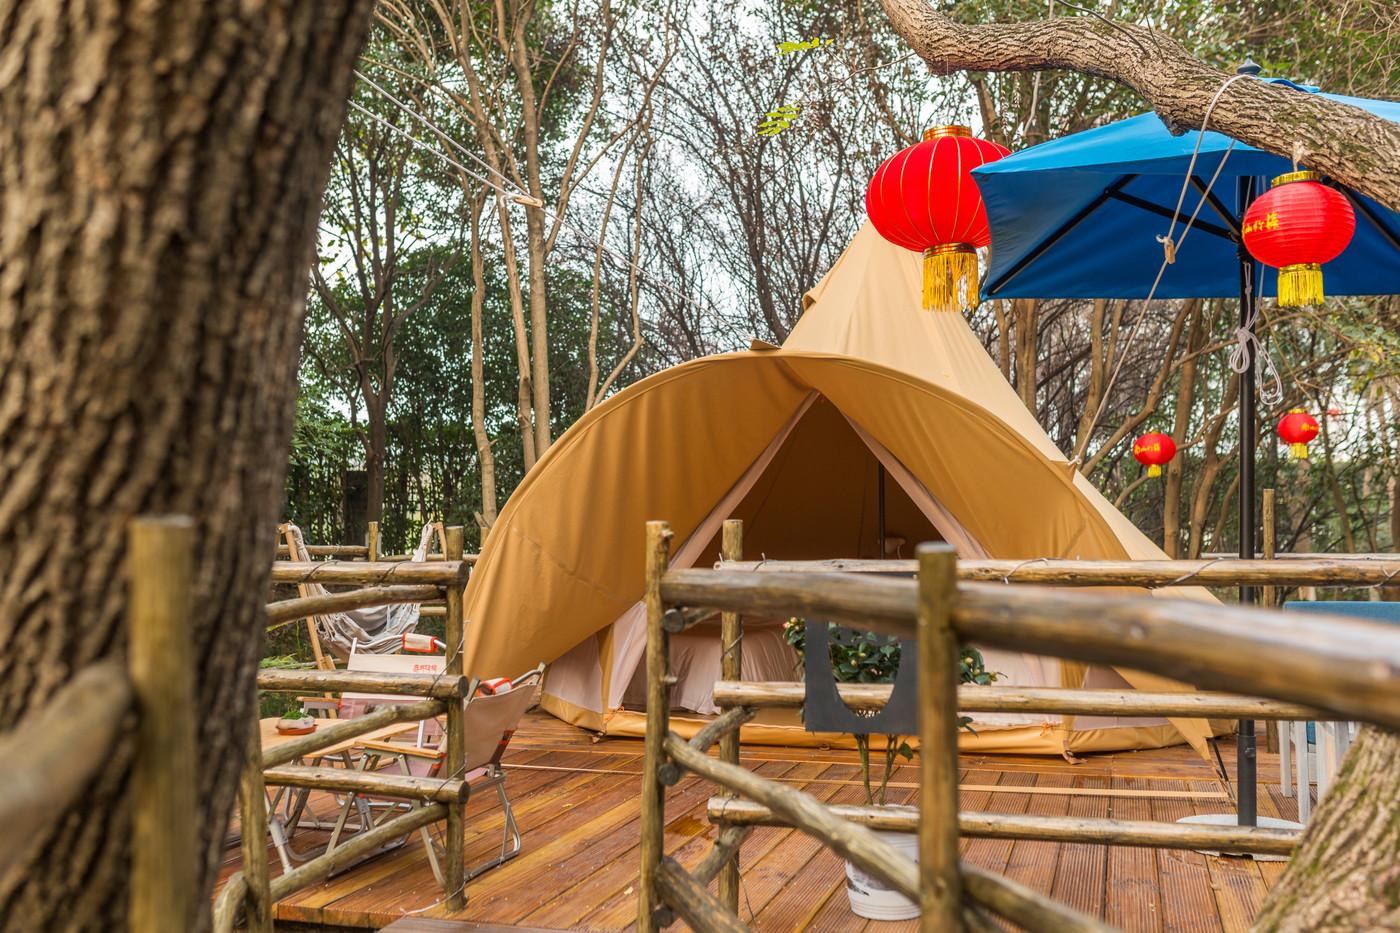 喜马拉雅野奢帐篷酒店—江苏常州天目湖树屋帐篷酒店27